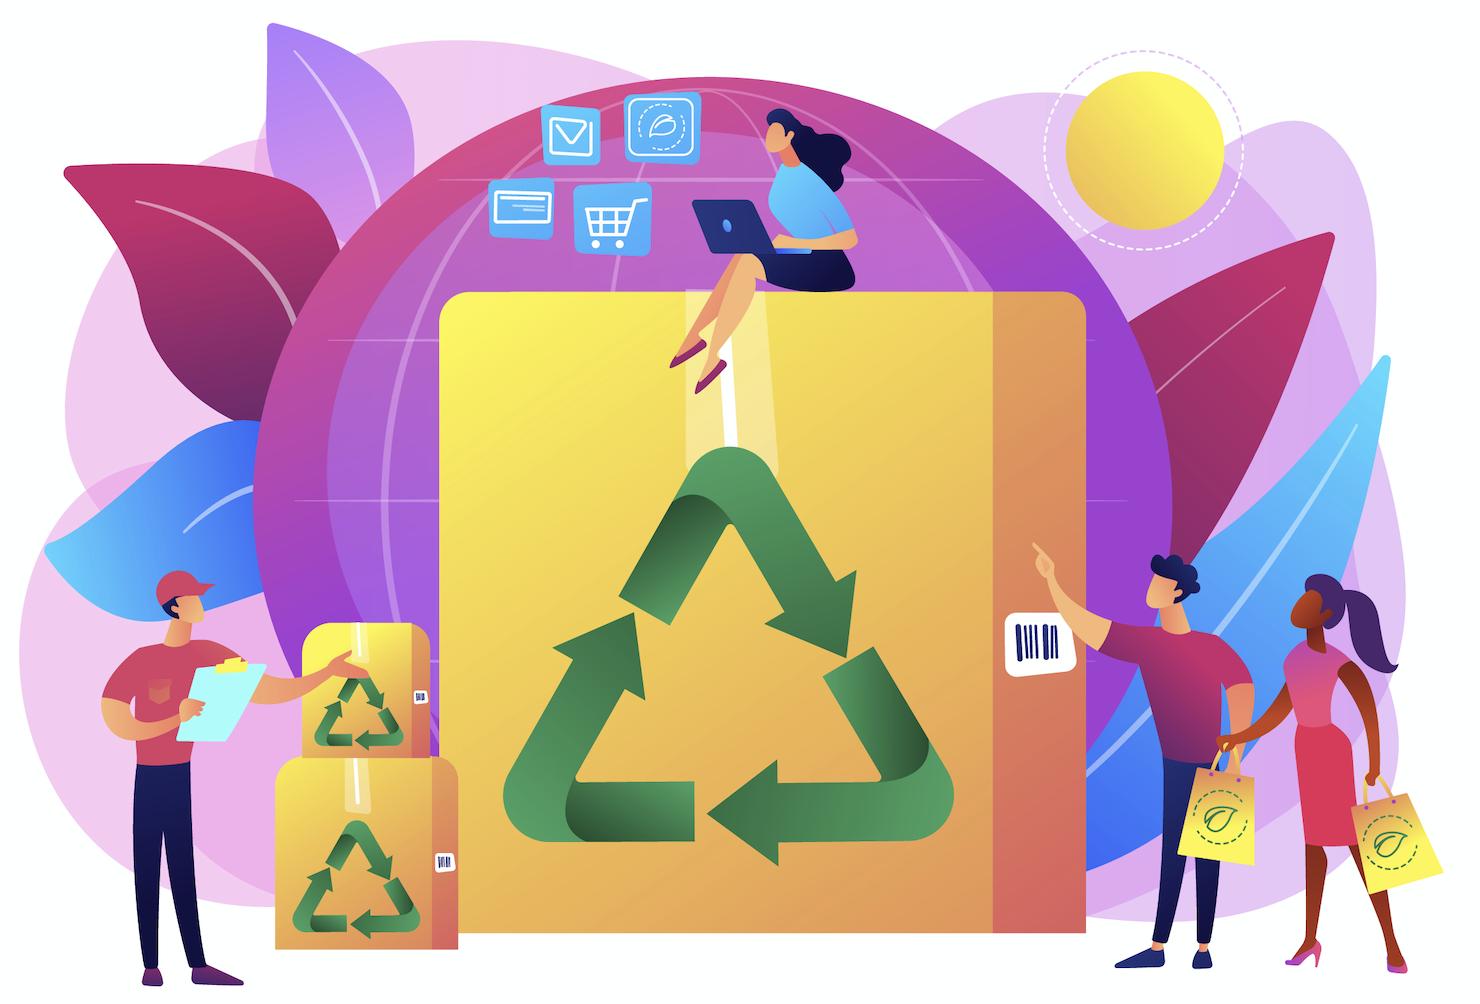 sostenibilità ambientale packaging sostenibile